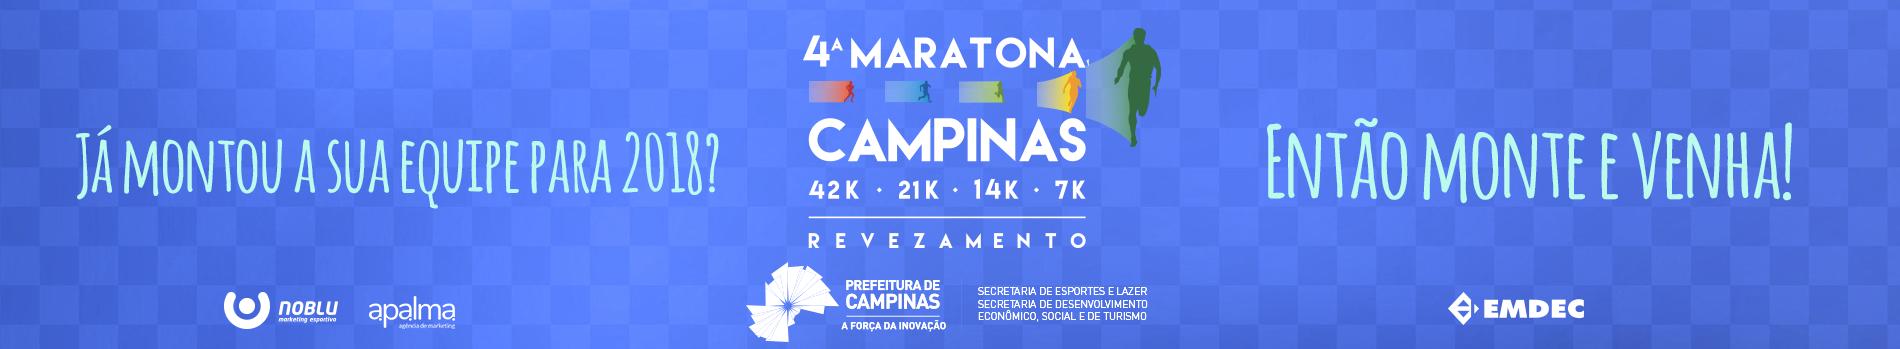 4ª MARATONA DE CAMPINAS - Imagem de topo